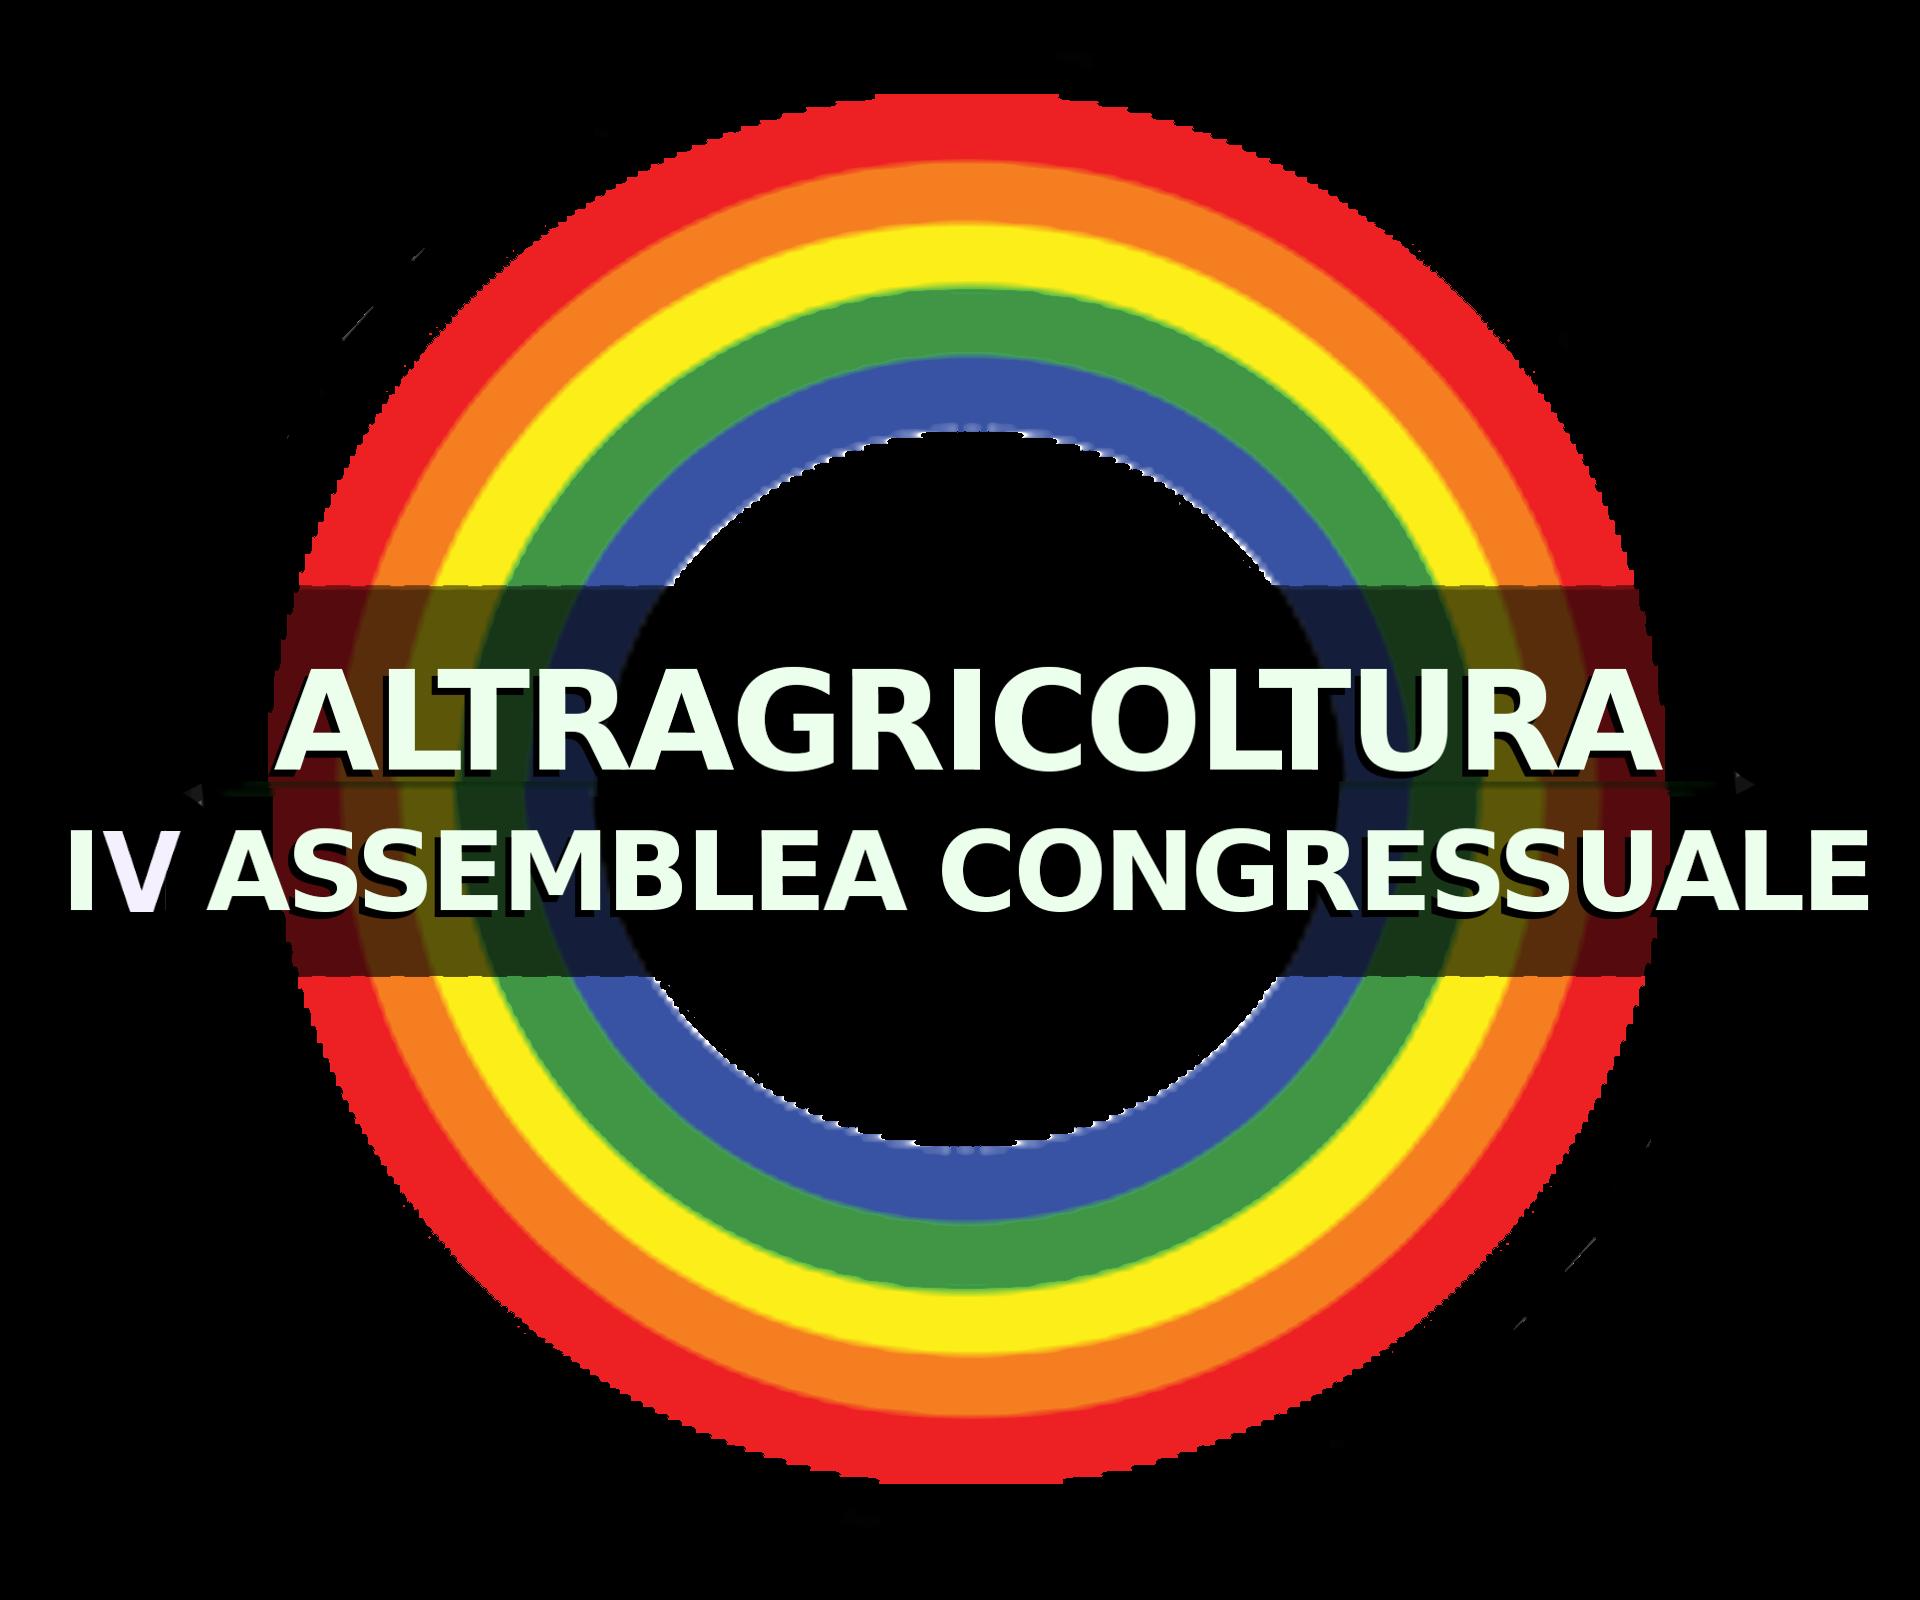 Logo IV assemblea altragricoltura